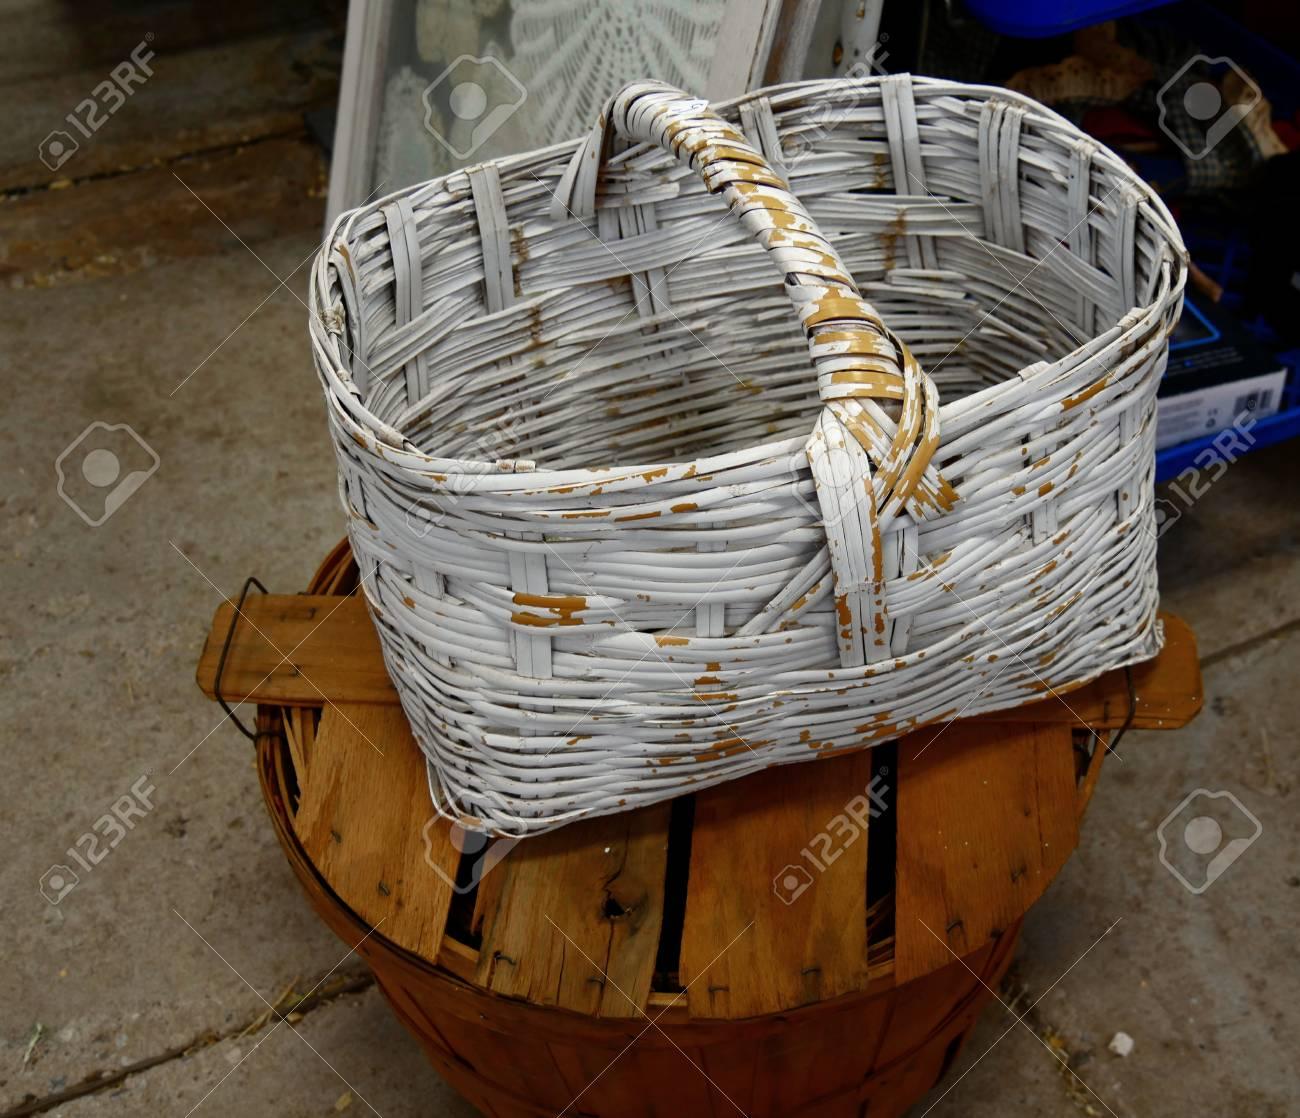 Peindre Un Panier En Osier panier en osier avec peinture blanche écaillée, posé sur un seau rond en  bois